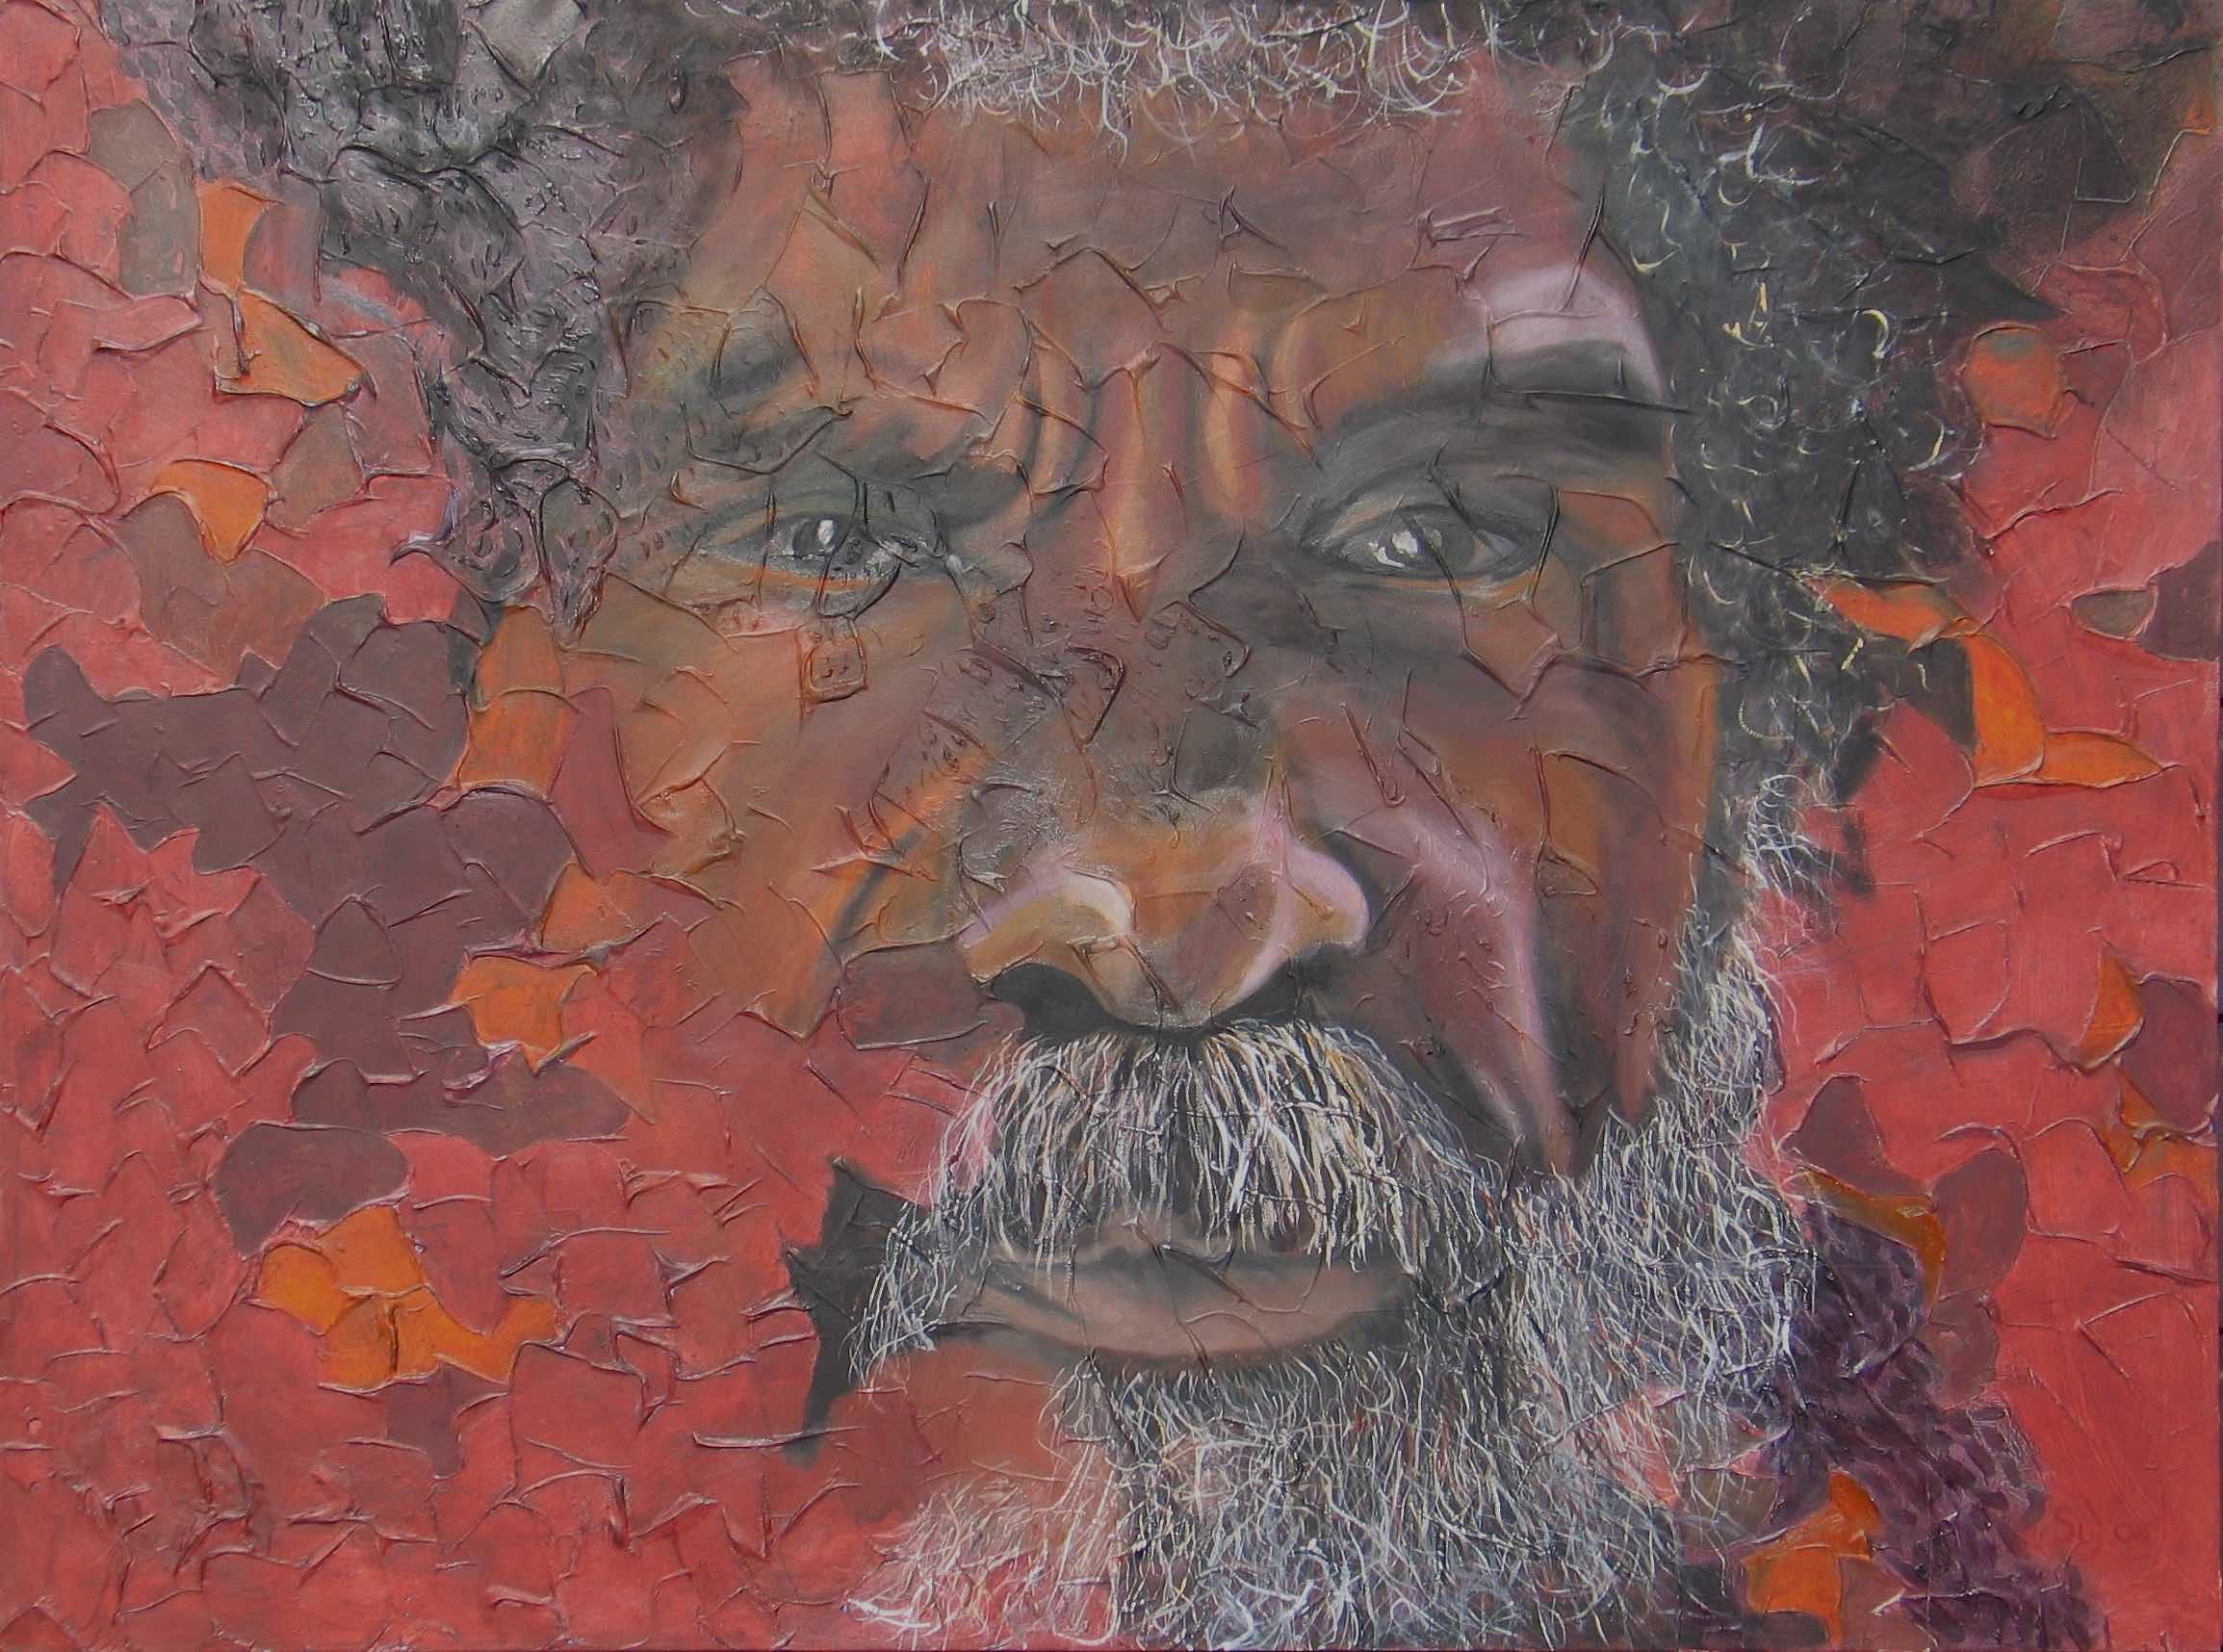 The Big Fella : 122 X 92 cm oil on canvas